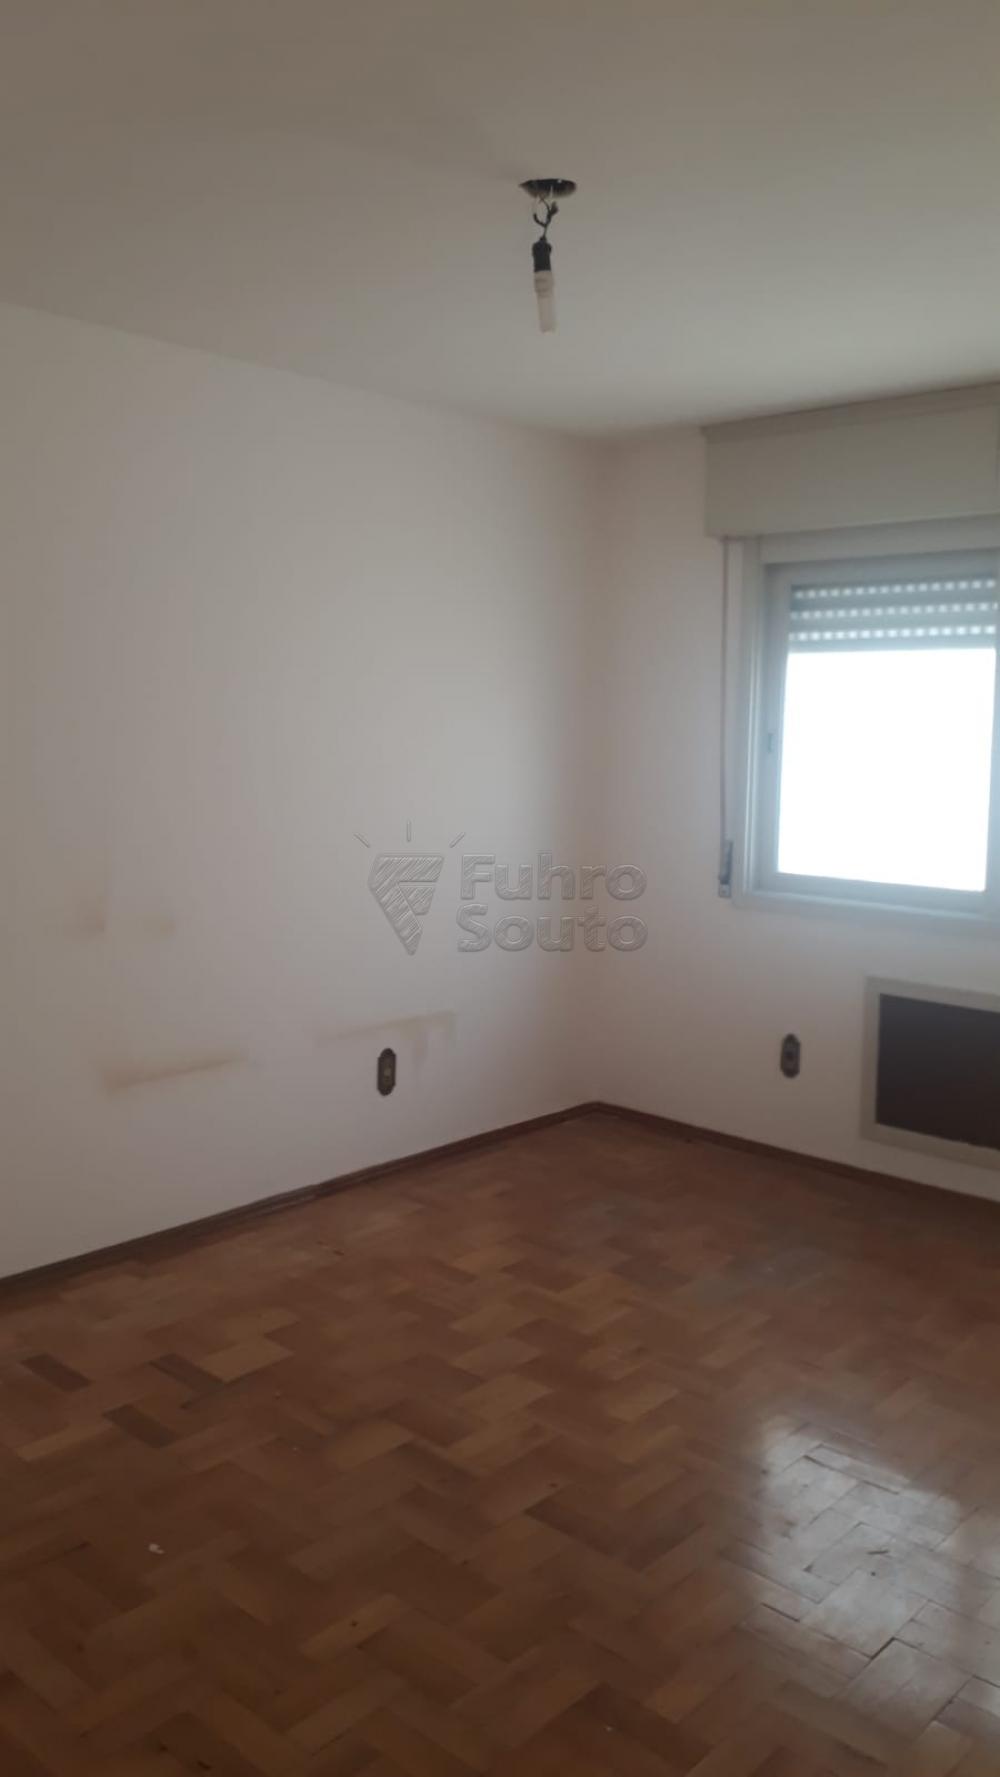 Comprar Apartamento / Padrão em Pelotas R$ 410.000,00 - Foto 2